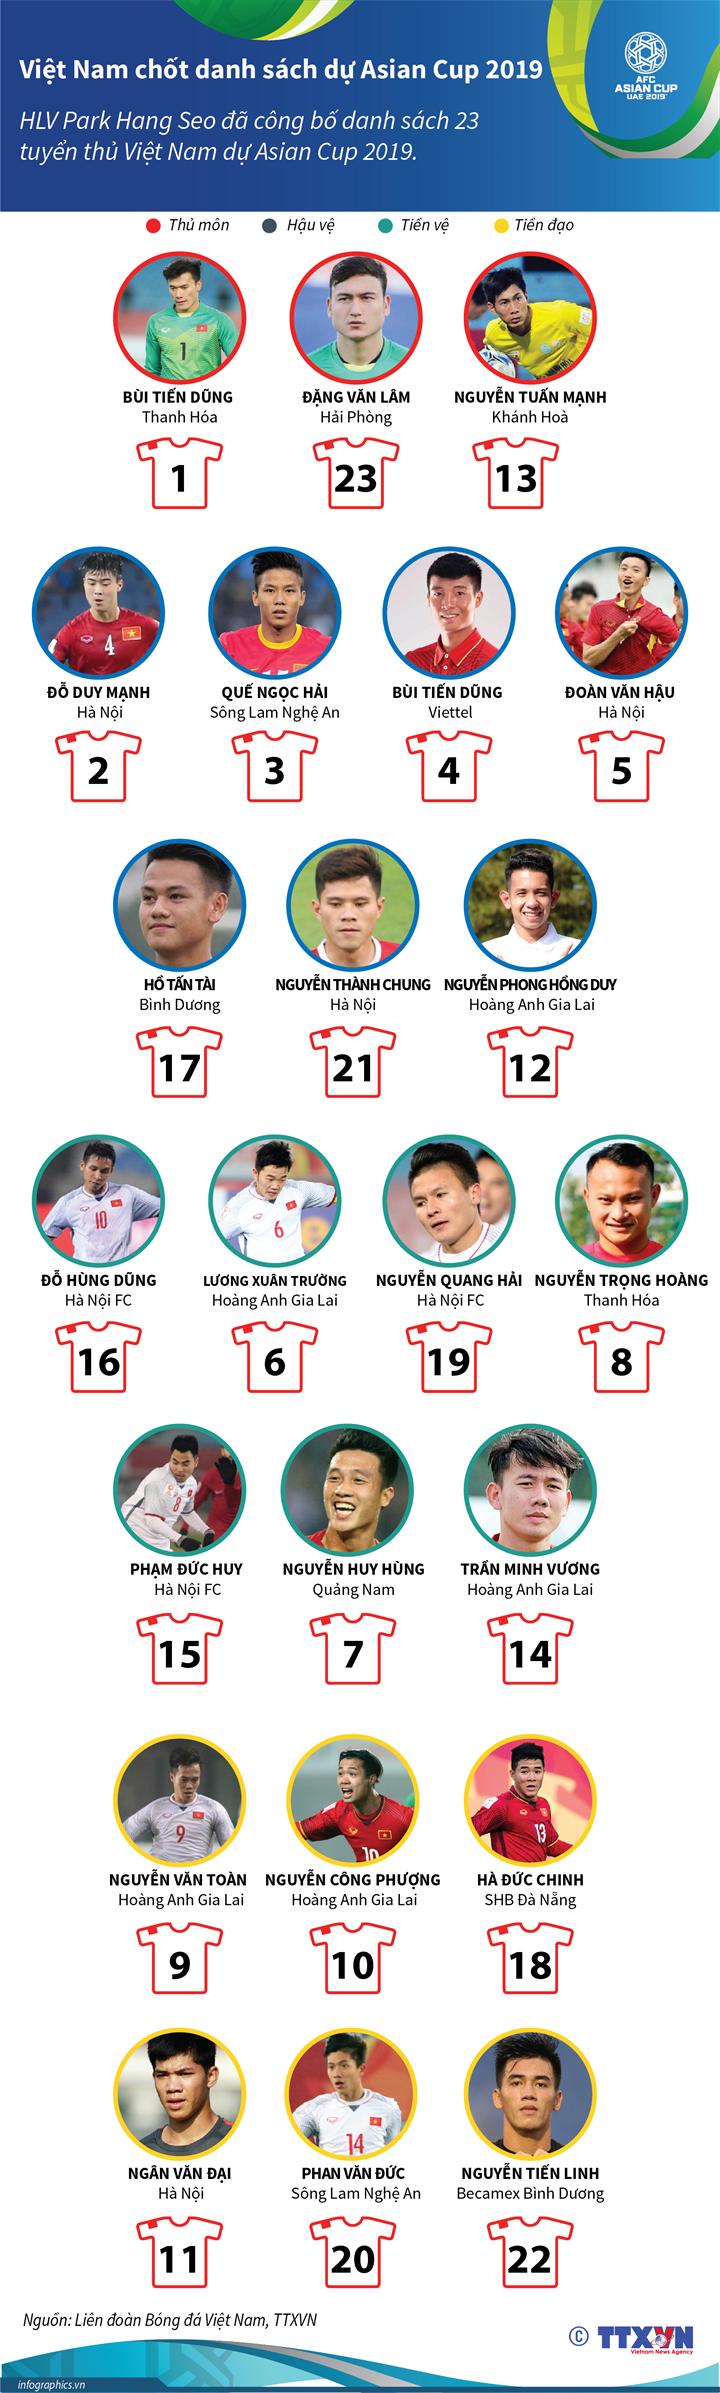 Việt Nam chốt danh sách dự Asian Cup 2019